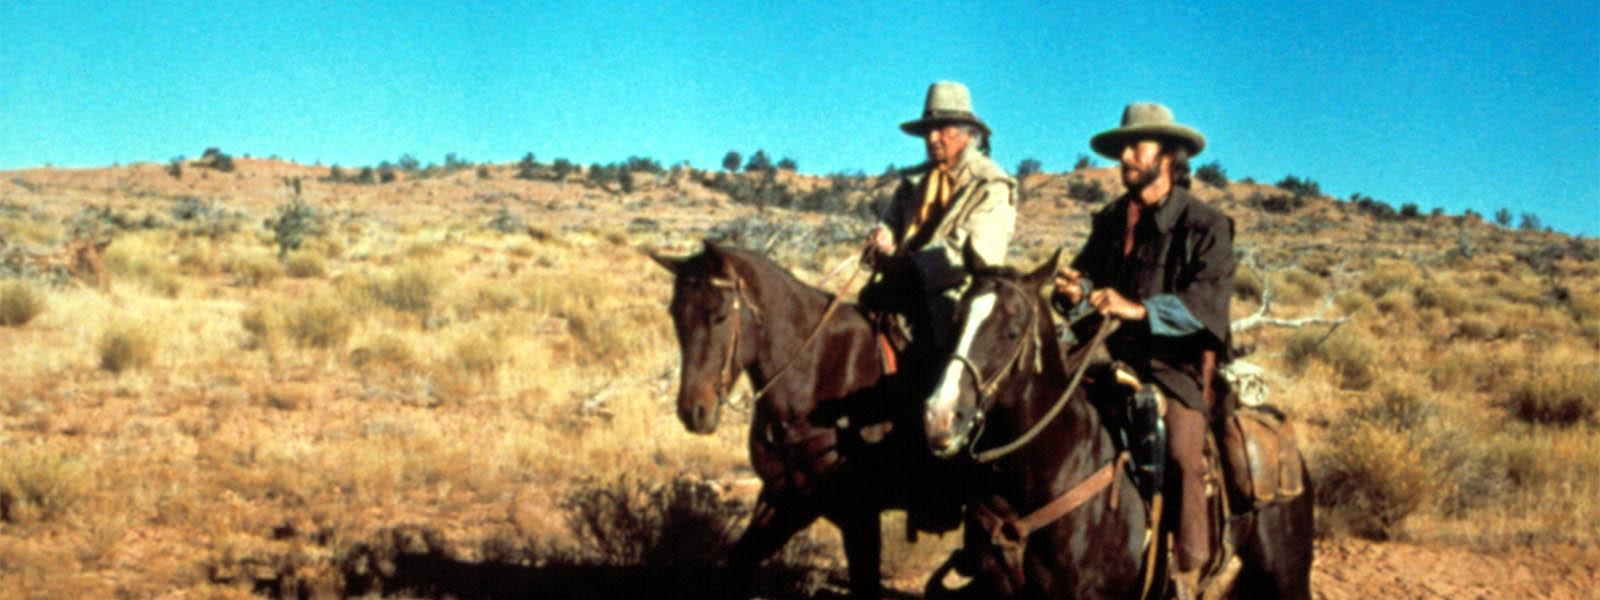 Chief Dan George Clint Eastwood – Wonderful Image Gallery